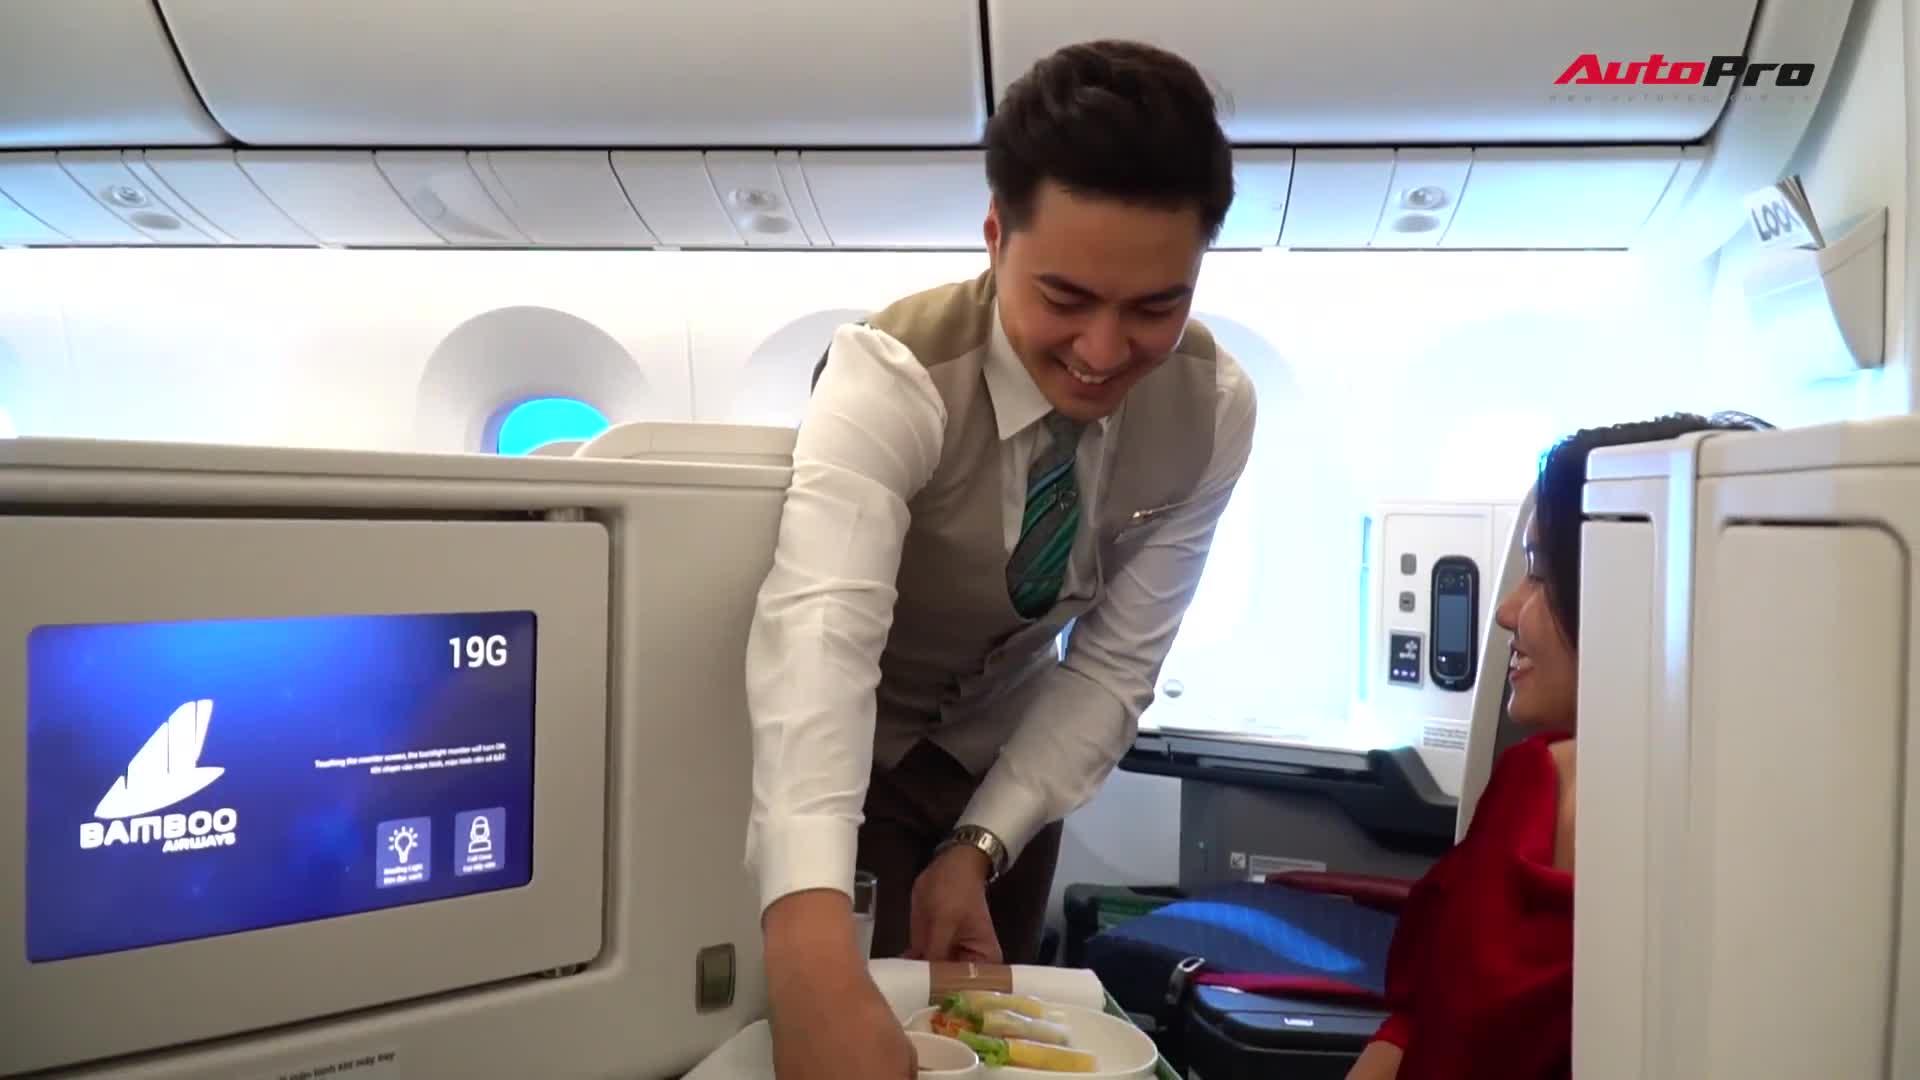 Trải nghiệm thương gia trên Boeing 787-9 Dreamliner của Bamboo Airways: 2 tiếng trở thành thượng đế từ Hà Nội tới Phú Quốc